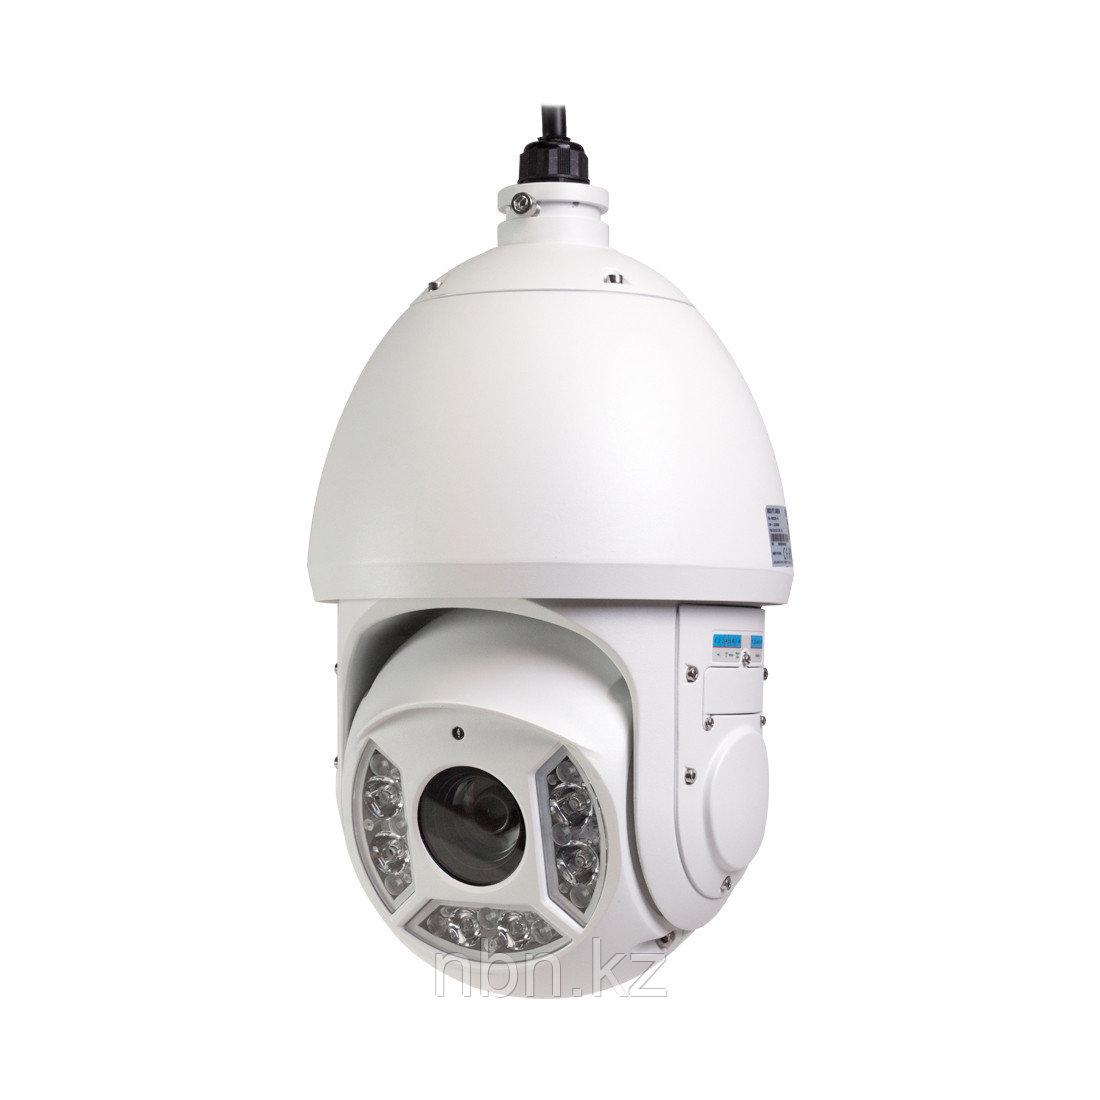 Поворотная видеокамера Dahua DH-SD6C225I-HC